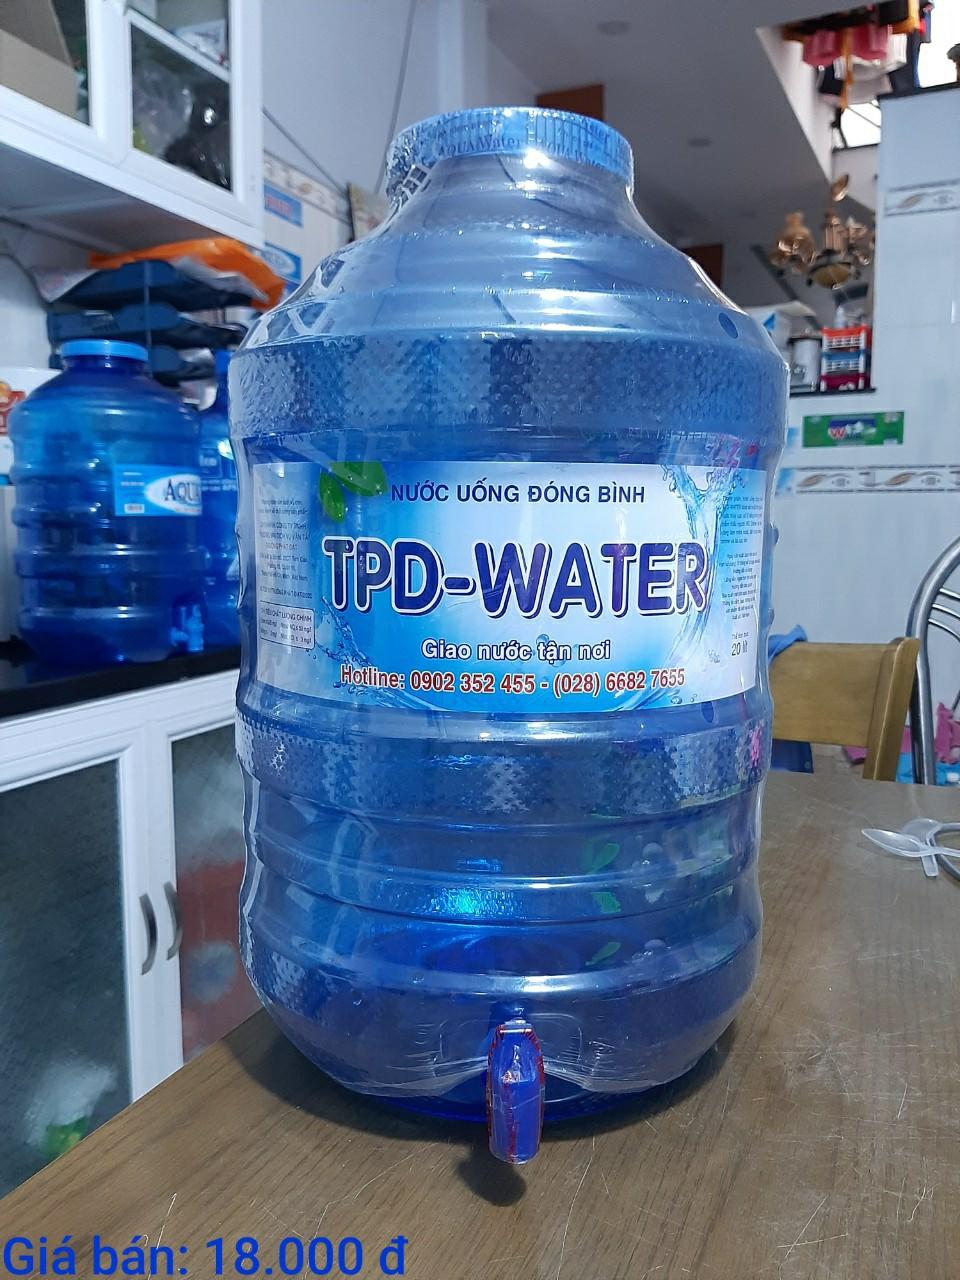 Nước uống TPD-Water bình 20L có vòi